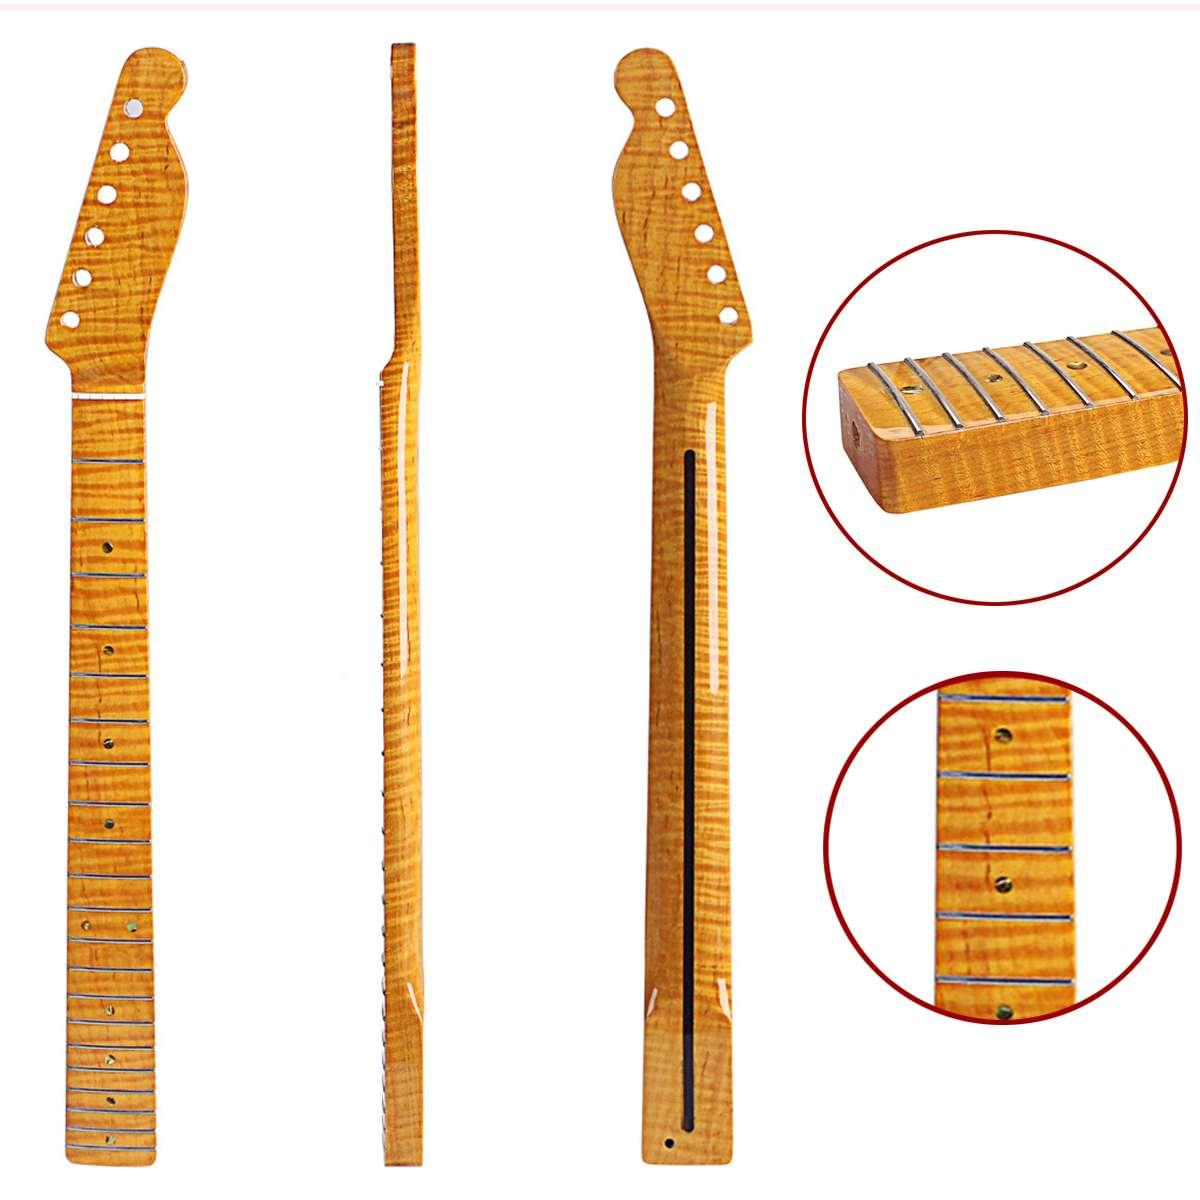 21 frette tigre flamme érable Abalone Dots naturel brillant guitare électrique cou pour TL ST guitare électrique cou remplacement